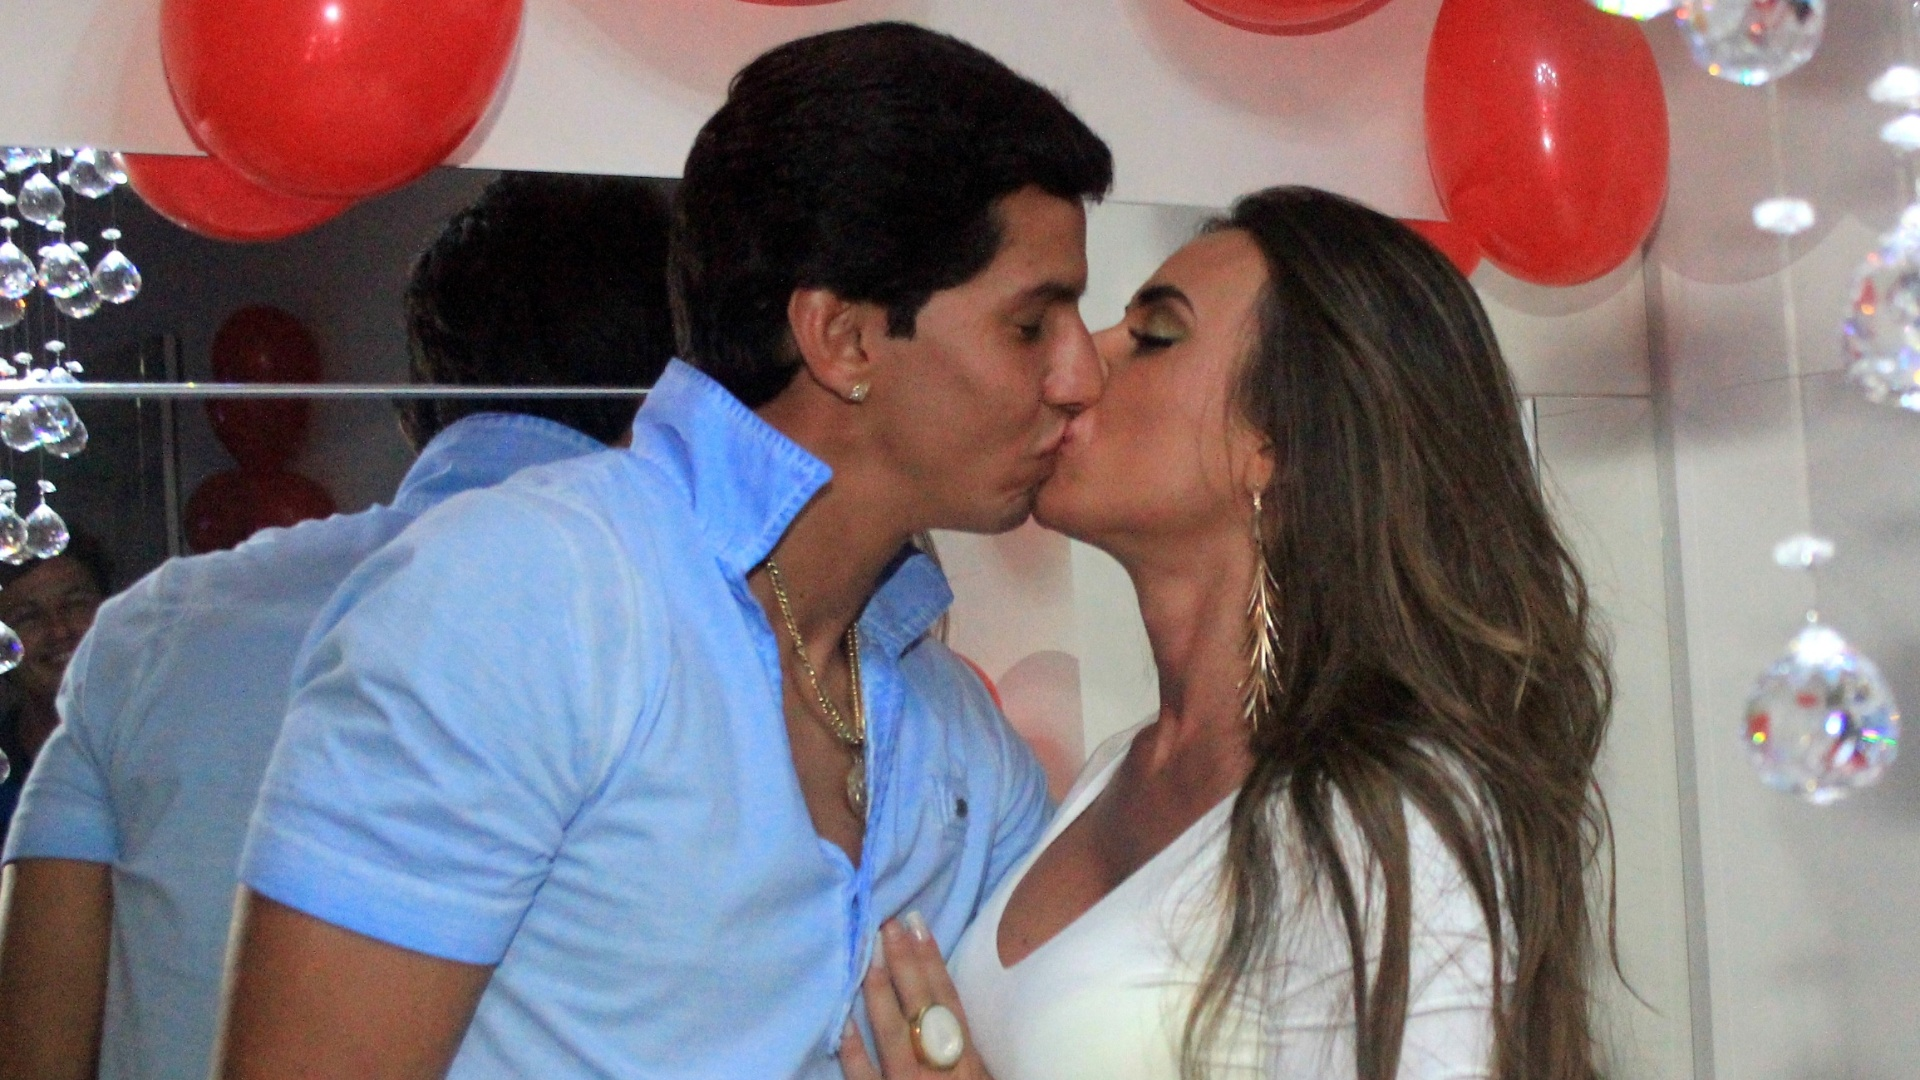 Victor Ramos comemorou seu aniversário de 23 anos ao lado de sua namorada, a modelo Nicole Bahls